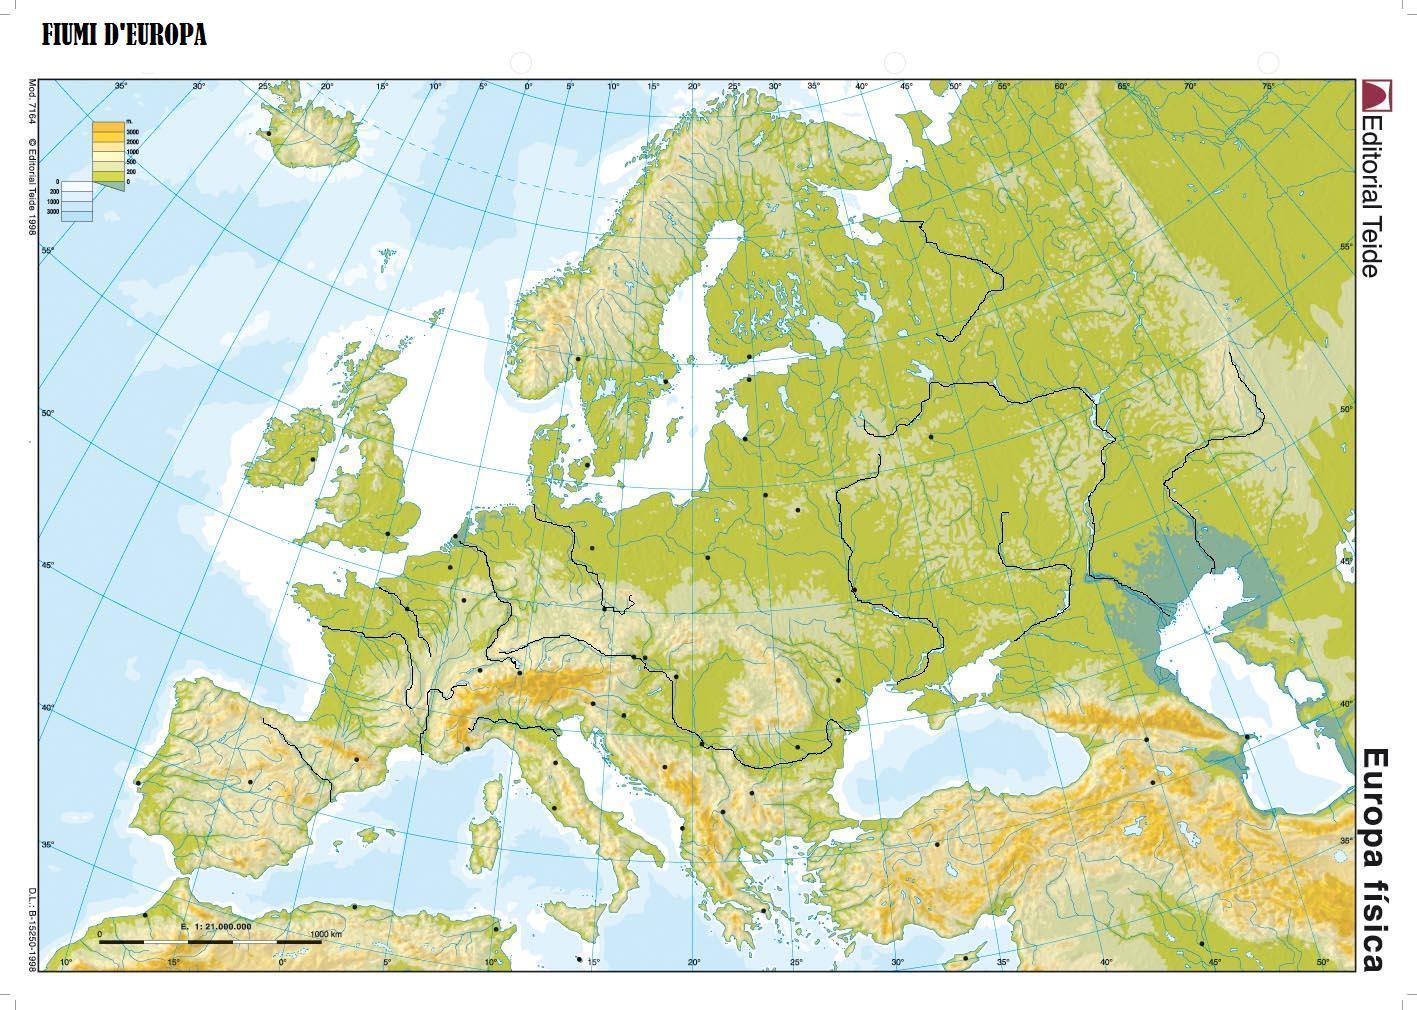 Cartina Geografica Europa Fisica Da Stampare.Europa Fisica Fiumi Mari Stretti Isole